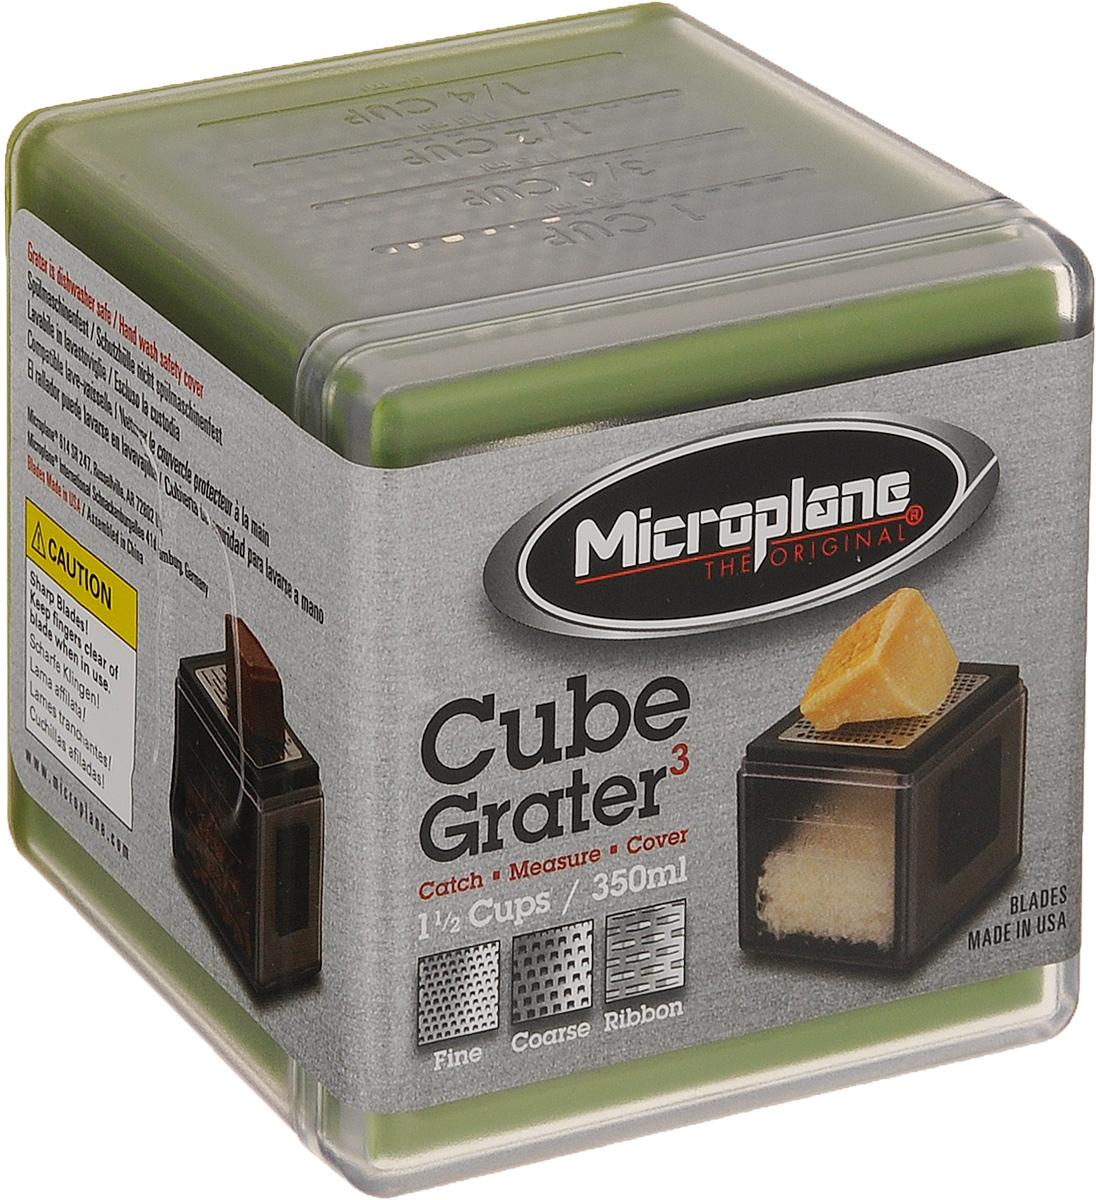 Терка-куб Microplane, цвет: зеленый34702Терка-куб Microplane выполнена из пластика и нержавеющей стали. Она имеет три режущие поверхности: мелкую, крупную и ленту. На одной из сторон имеется мерная шкала. Терка идеально подходит для сыров, имбиря, моркови, чеснока, лука, орехов, яблок, картофеля, свеклы, шоколада, масла и специй. Терка-куб Microplane небольшая своим размером (9 х 9 см), но вместительная (до 350 мл). Можно мыть в посудомоечной машине. Microplane - это легендарные американские терки. Продукцией Microplane пользуются все известные кулинары и повара всего мира, среди них знаменитый шеф-повар Джейми Оливер. Вся продукция Microplane производится на собственном заводе в США. Microplane используют самую качественную нержавеющую сталь. Благодаря уникальному химическому составу, продукция не окисляется и сохраняет большее количество витаминов и полезных веществ в продуктах. Для производства используются нержавеющие стали 410, 301 и 302 - идеальный...